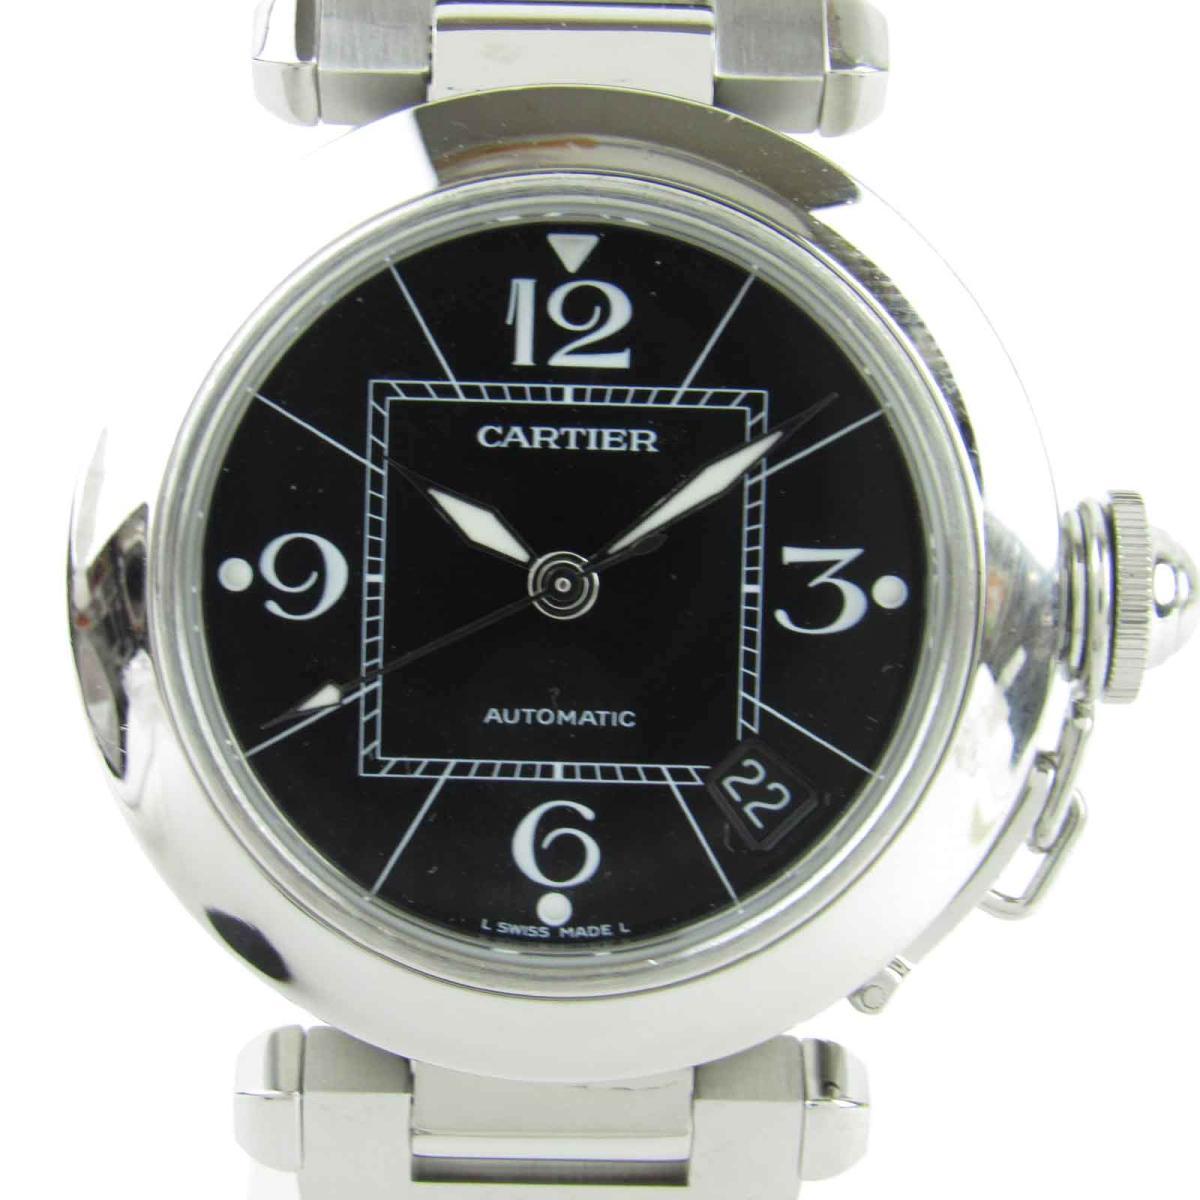 【中古】 カルティエ パシャC ウォッチ 腕時計 メンズ レディース ステンレススチール (SS) (W31076M7) | Cartier オートマチック 自動巻き 時計 パシャC 美品 ブランドオフ